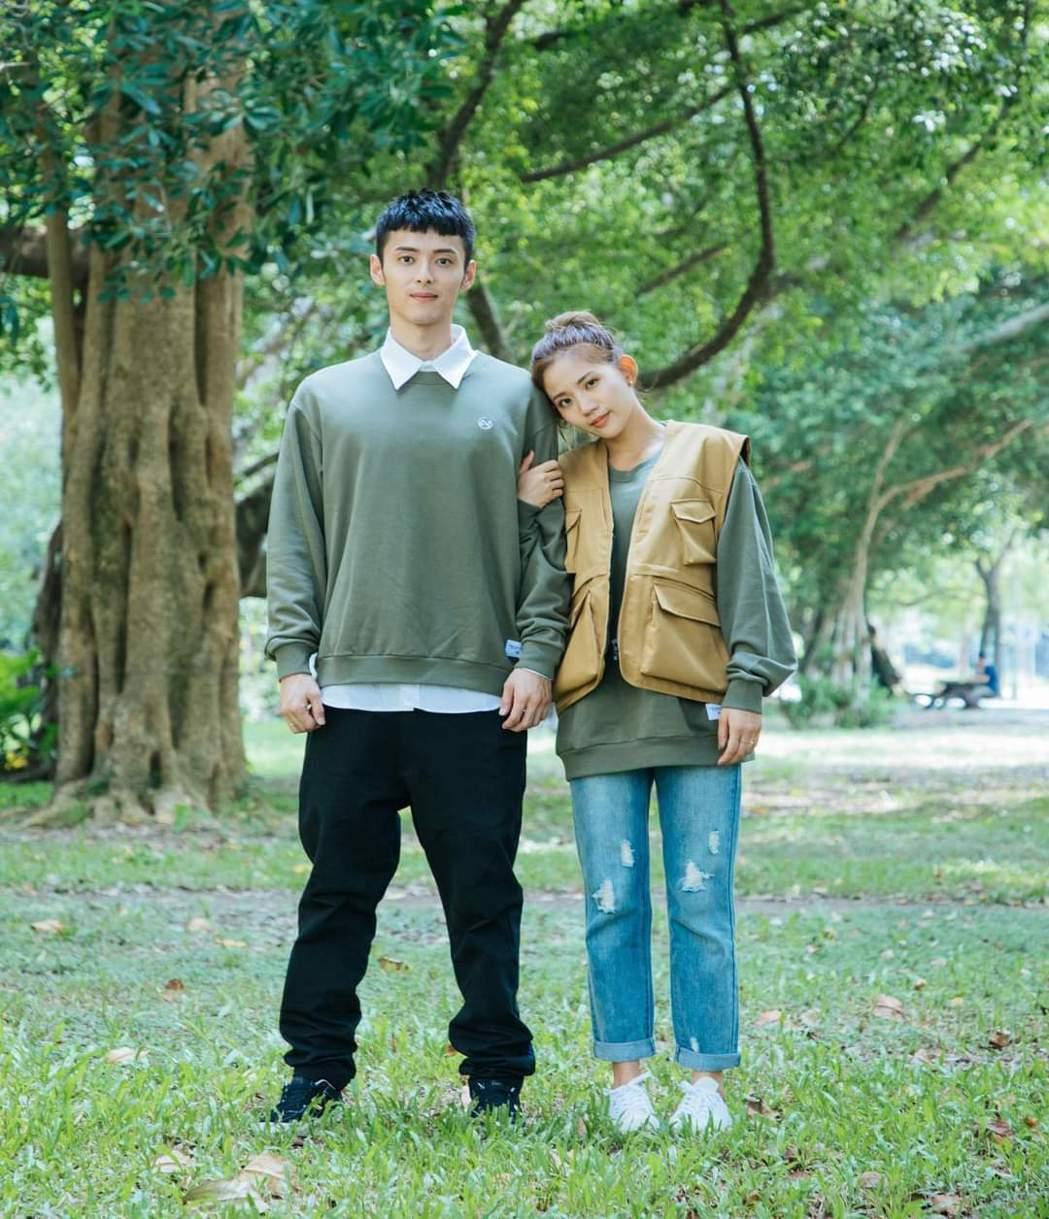 陳艾琳(右)和老公顏庭笙婚後甜蜜。圖/摘自臉書